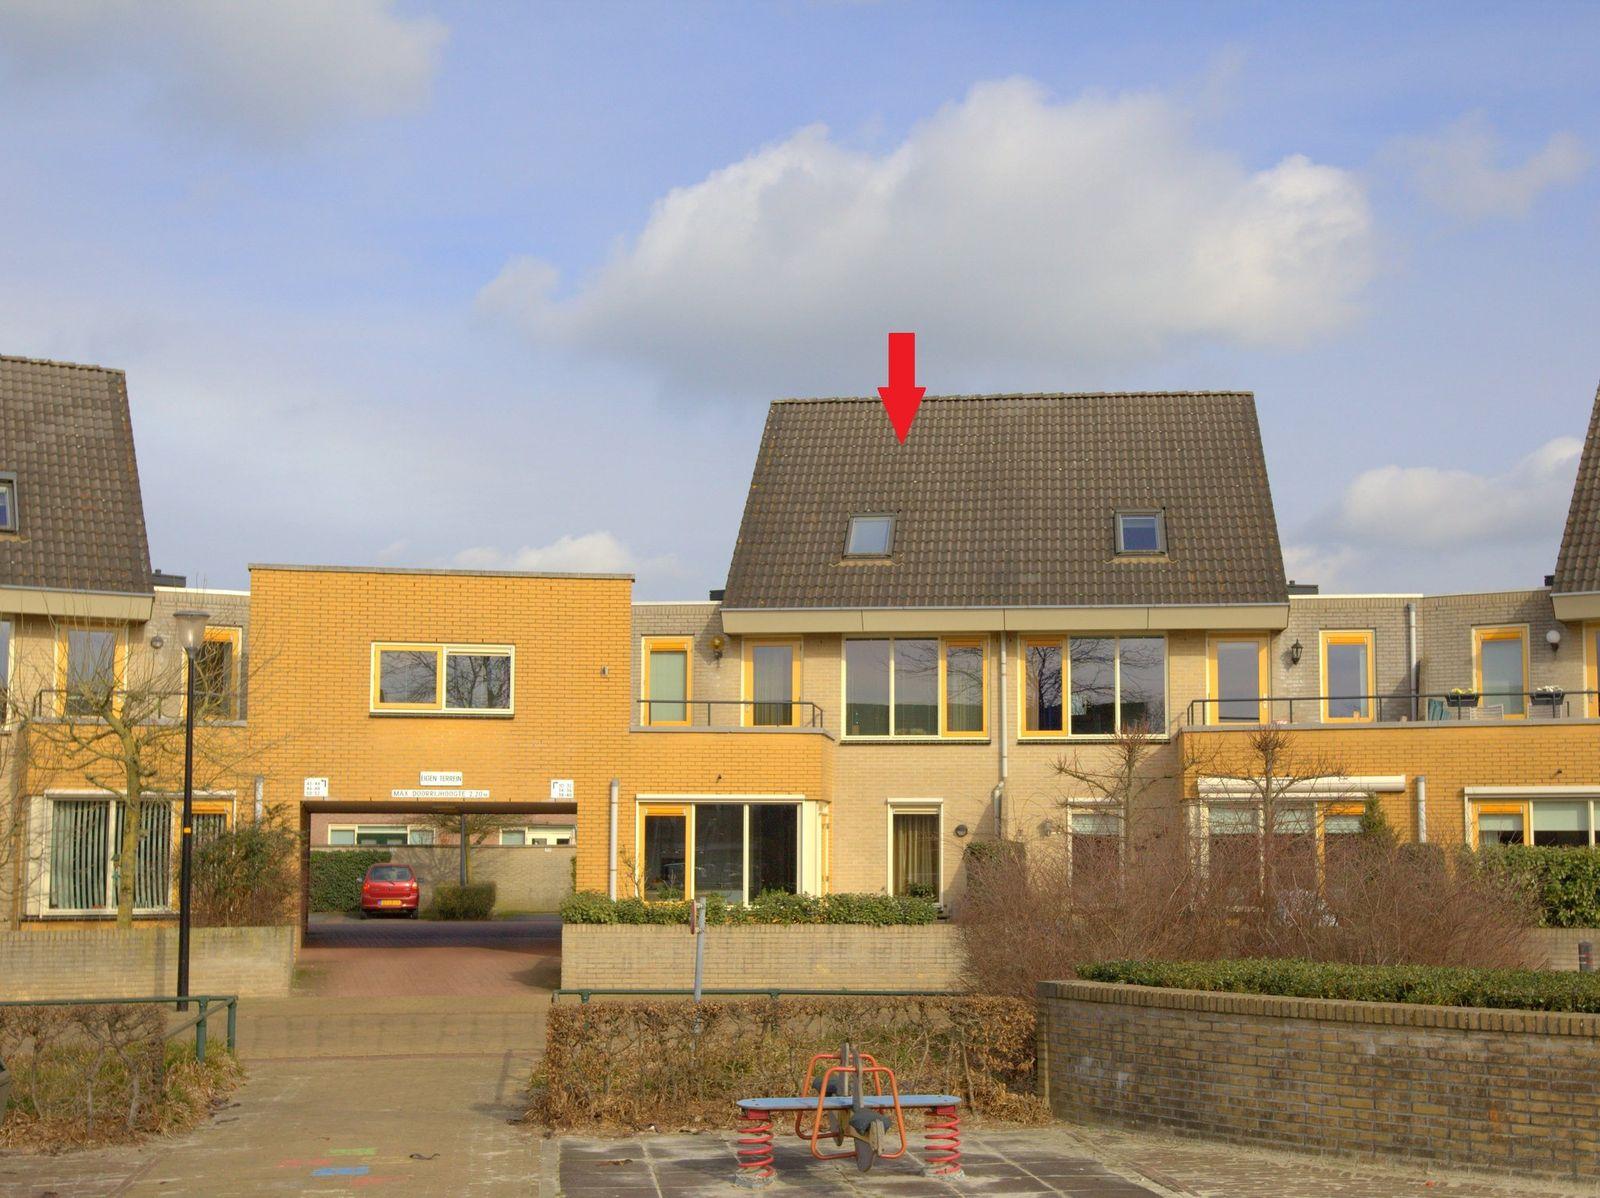 P. Lieftincklaan 38, Winterswijk